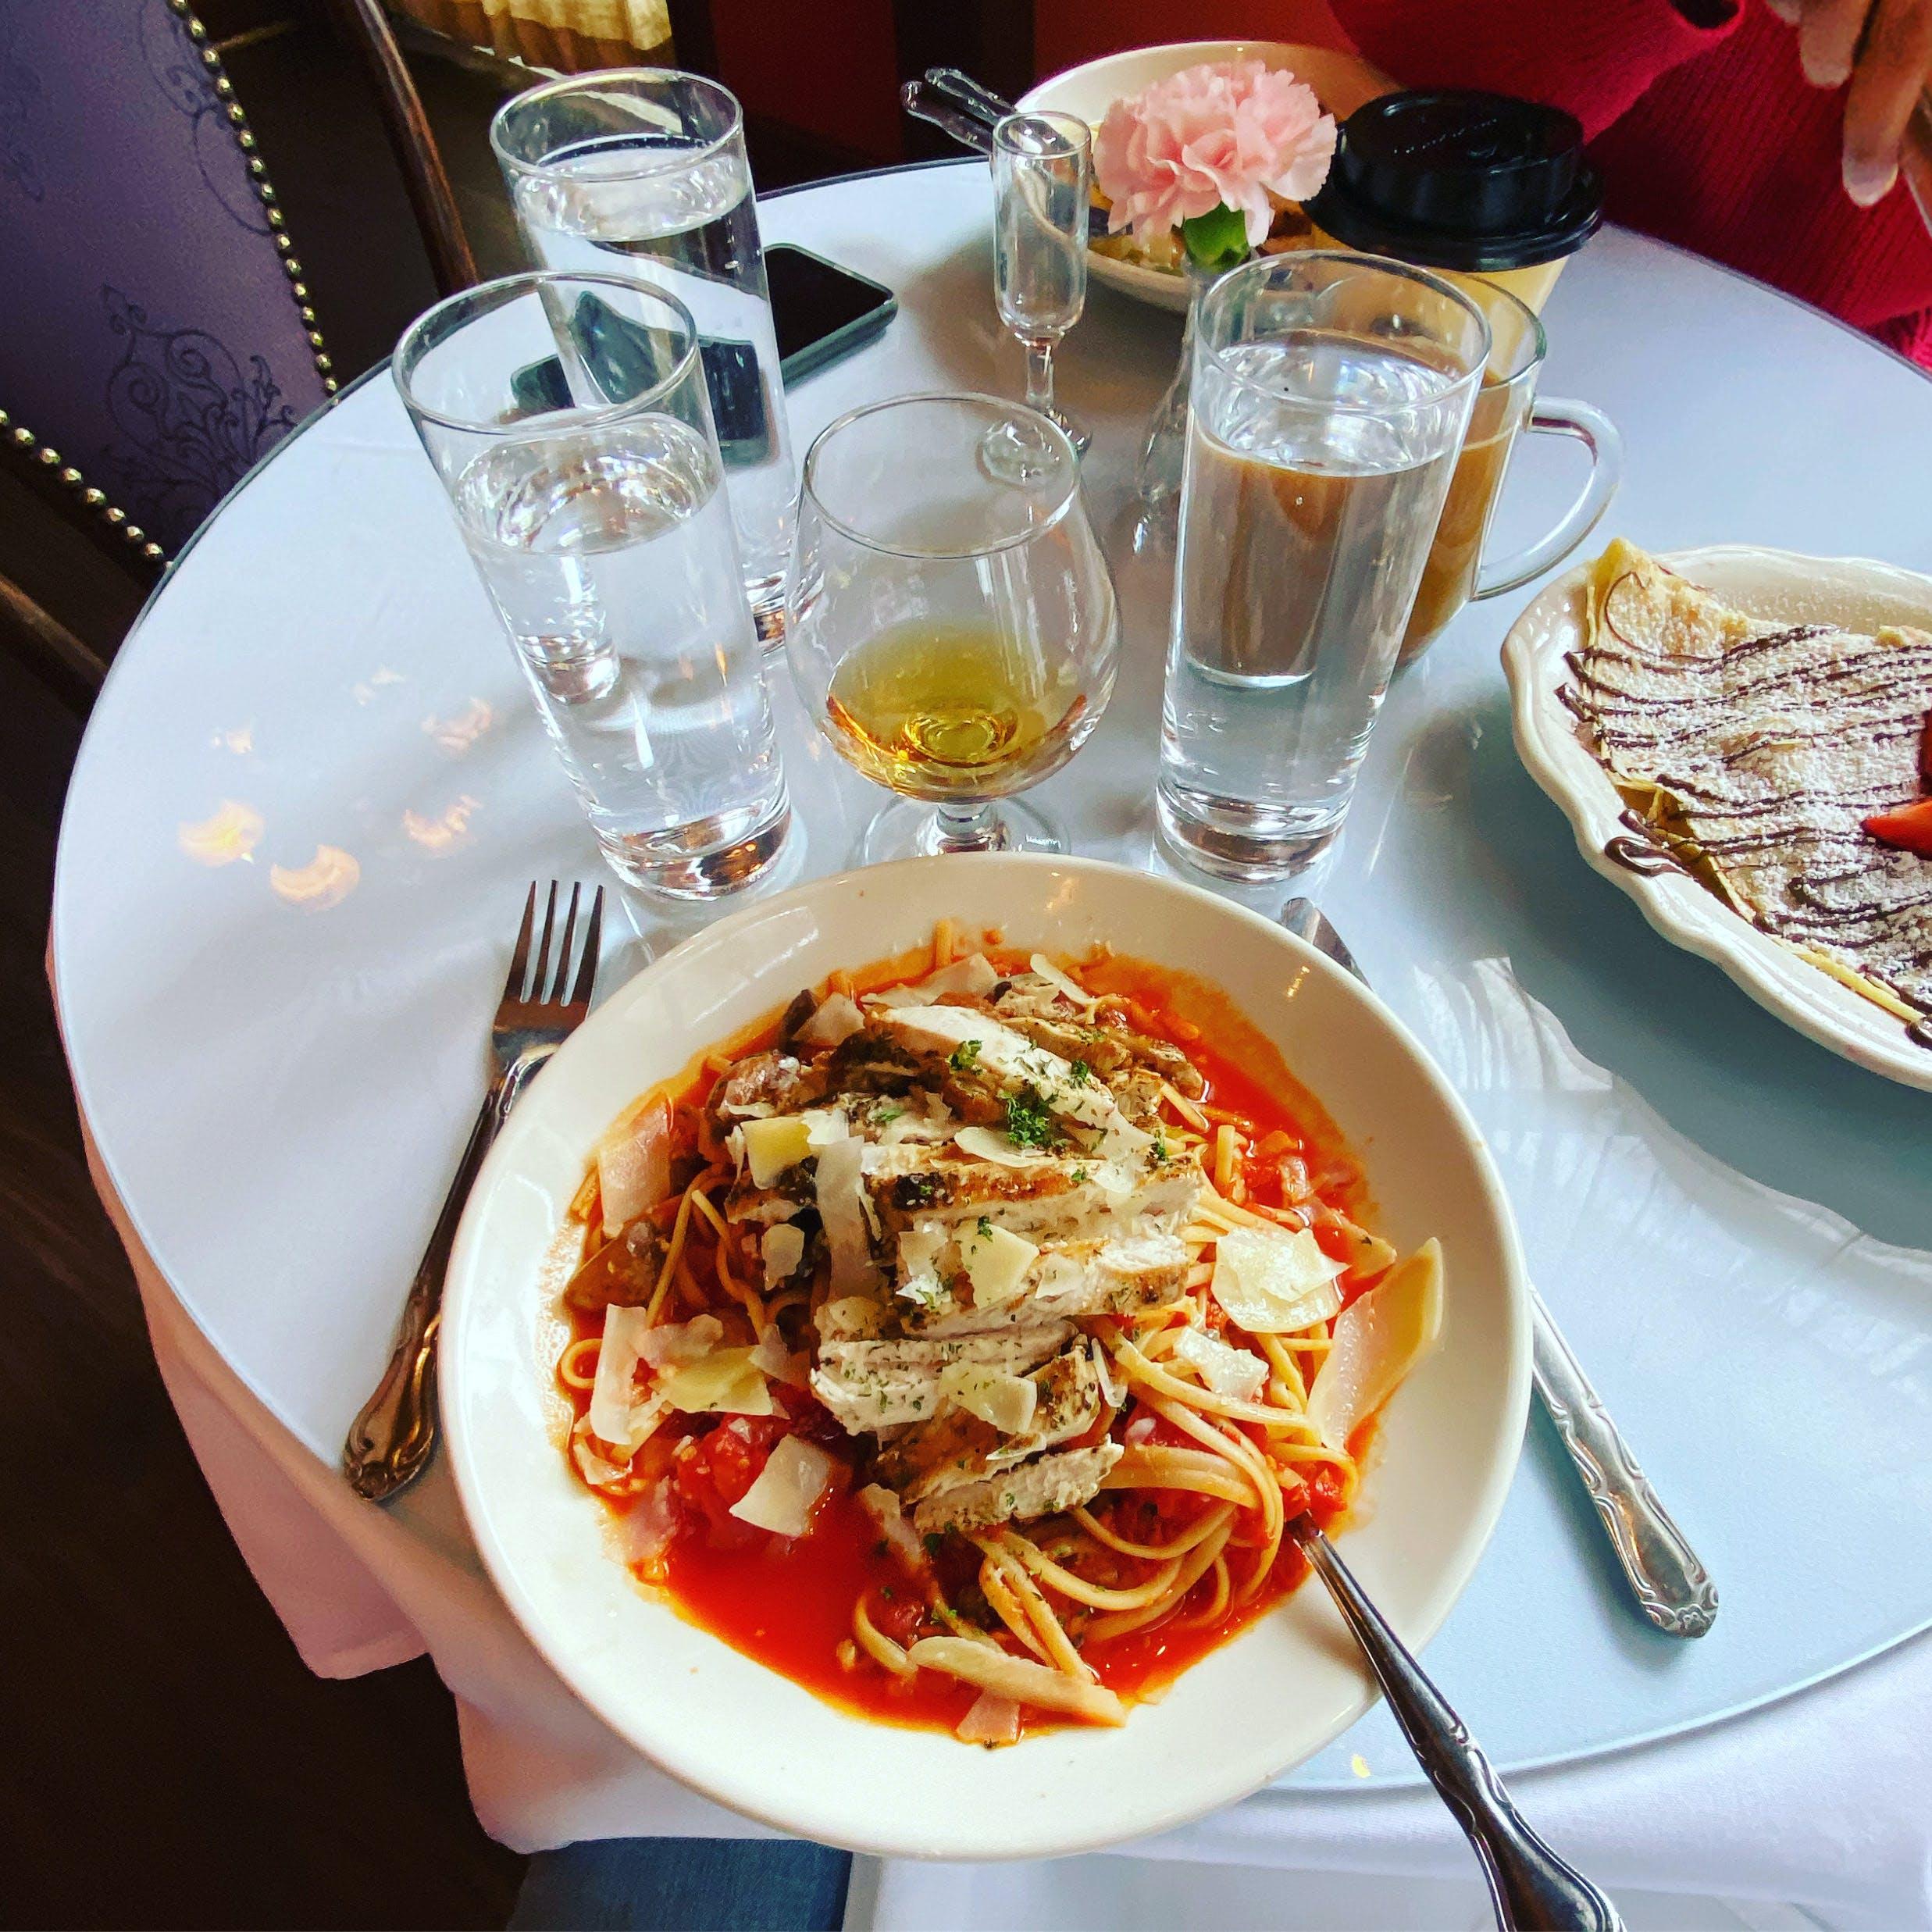 Spicy tortellini at Café Intermezzo - Avalon Alpharetta GA